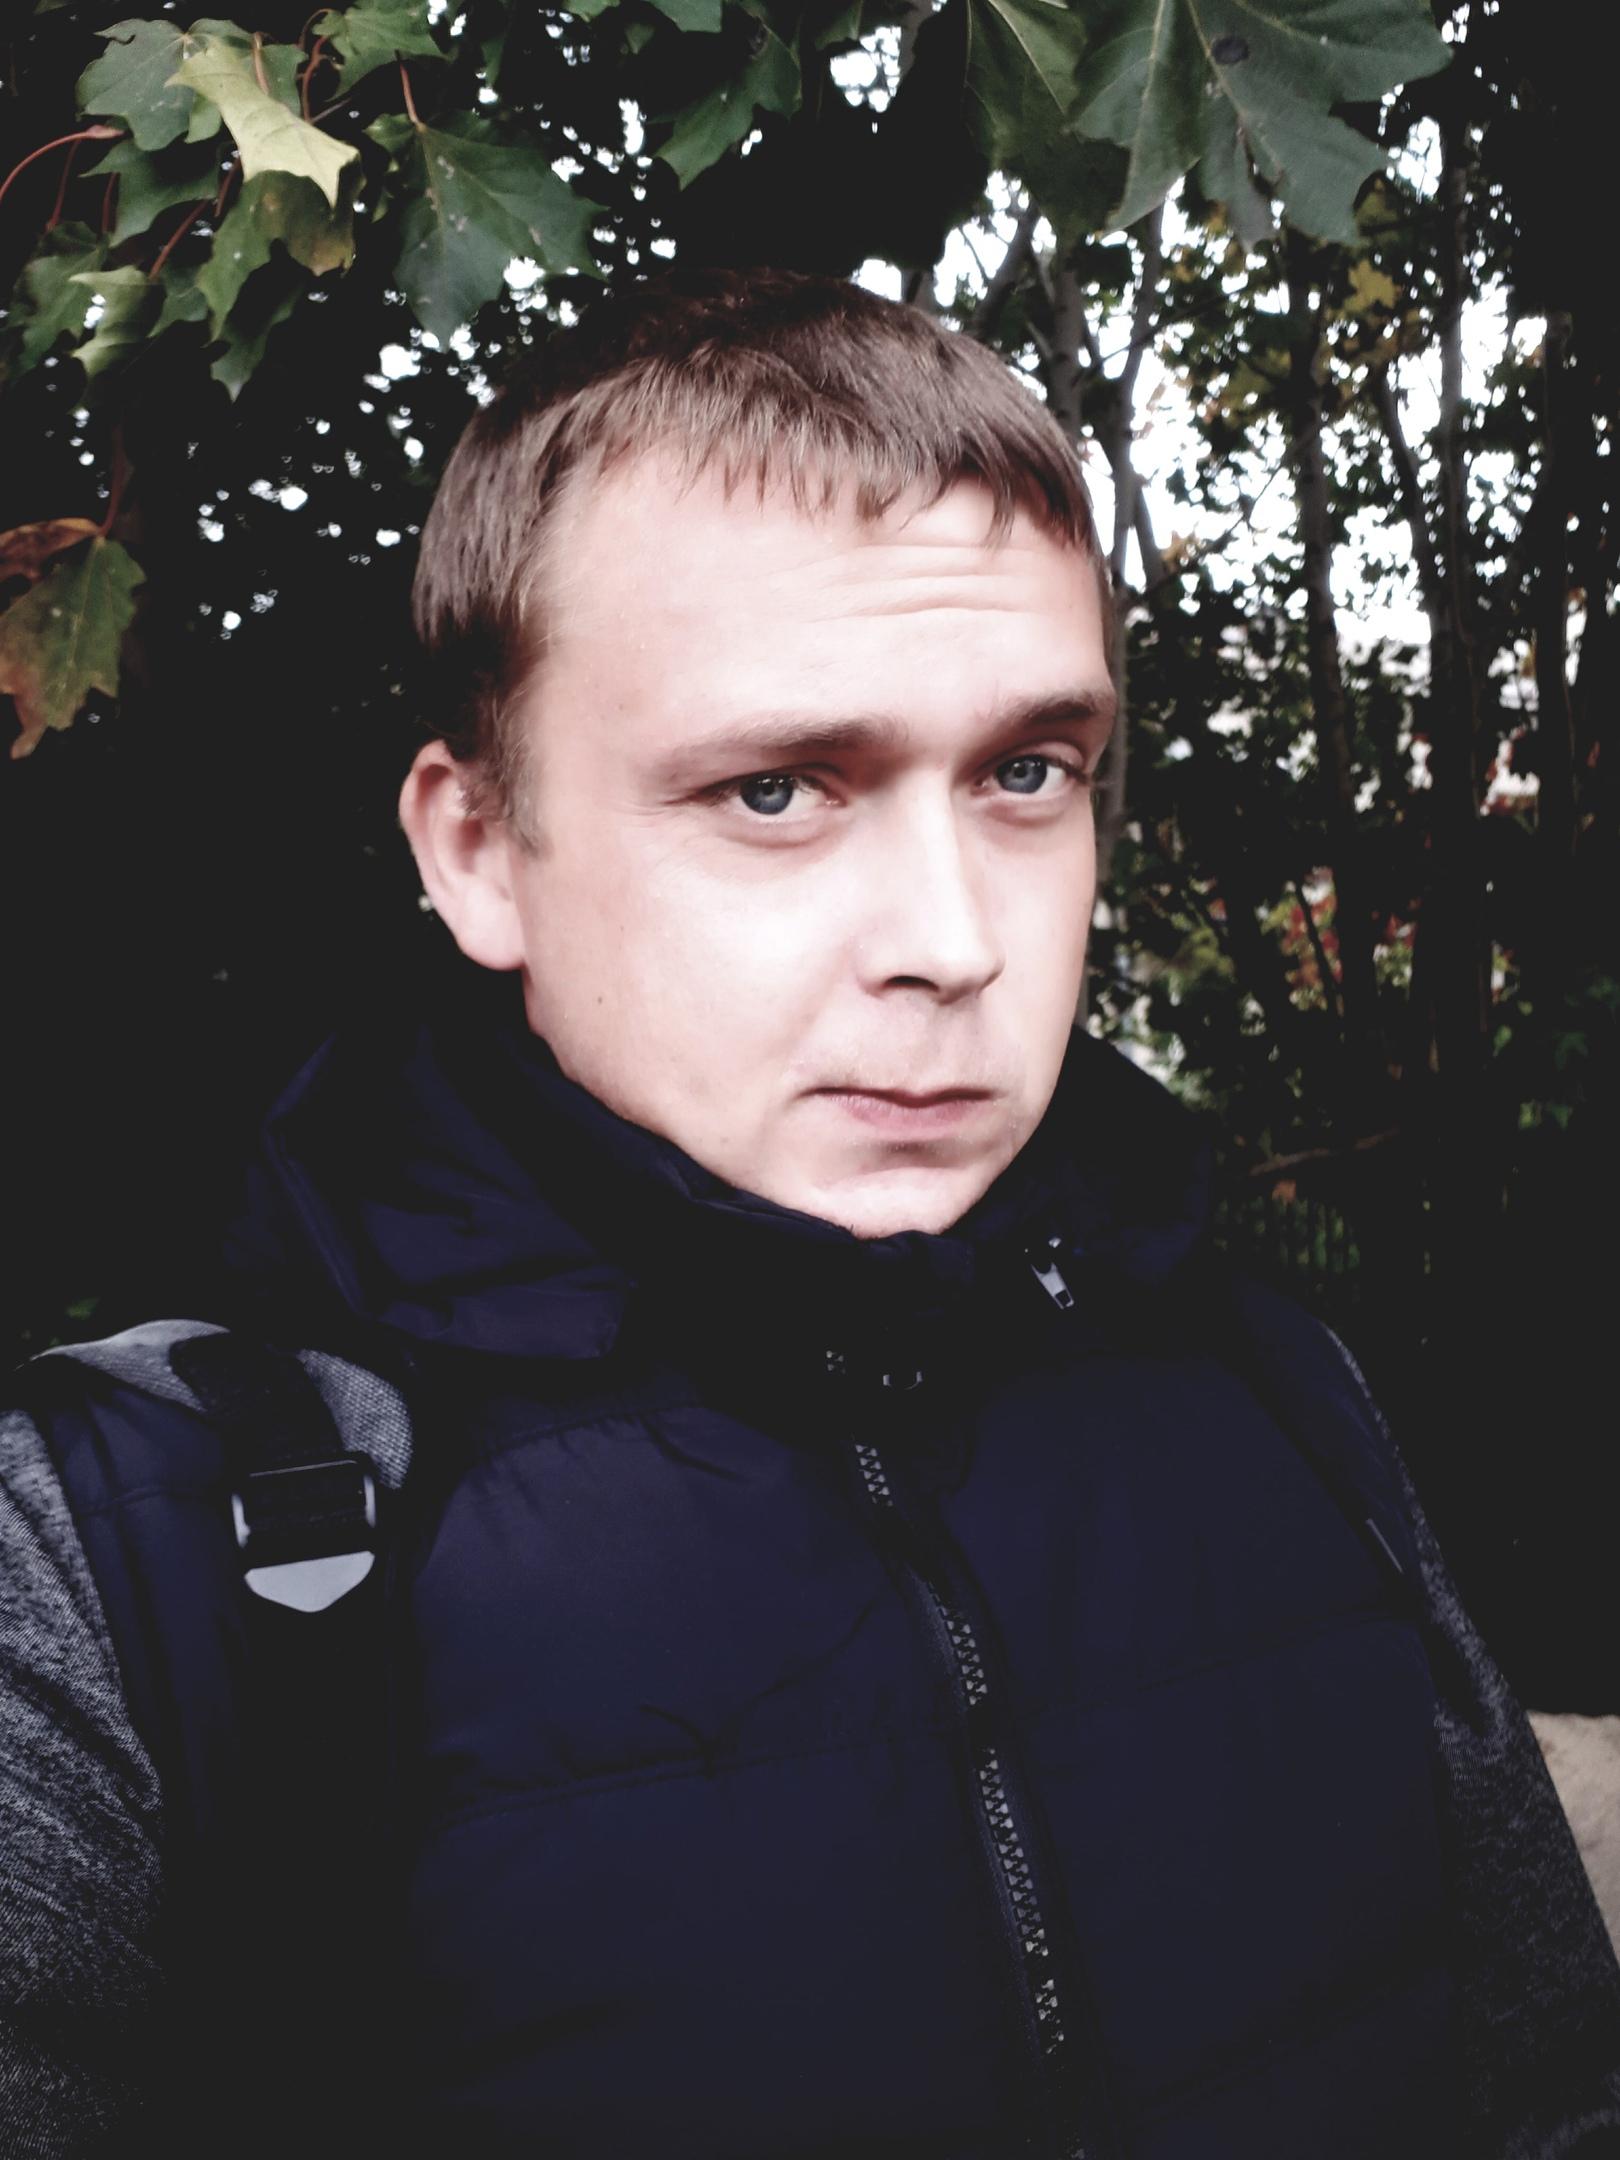 Evgeniy, 27, Gatchina